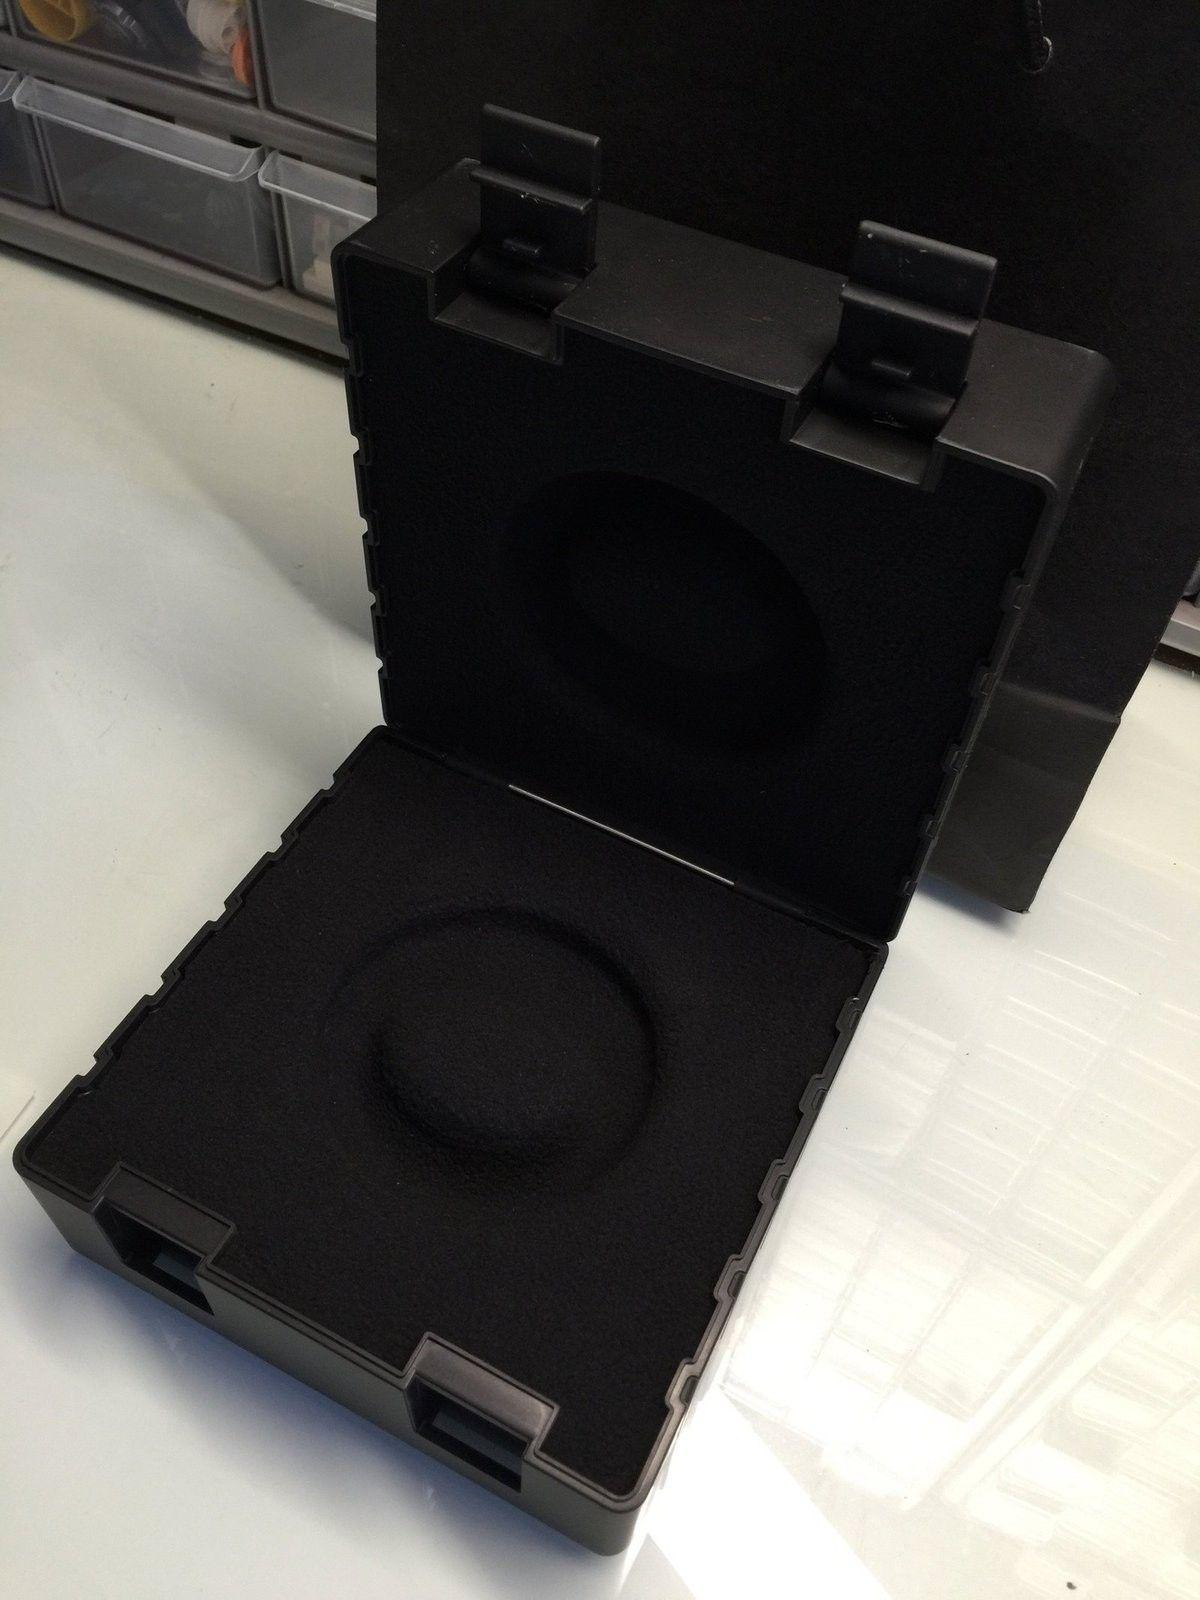 Watch box $100 shipped - image.jpg